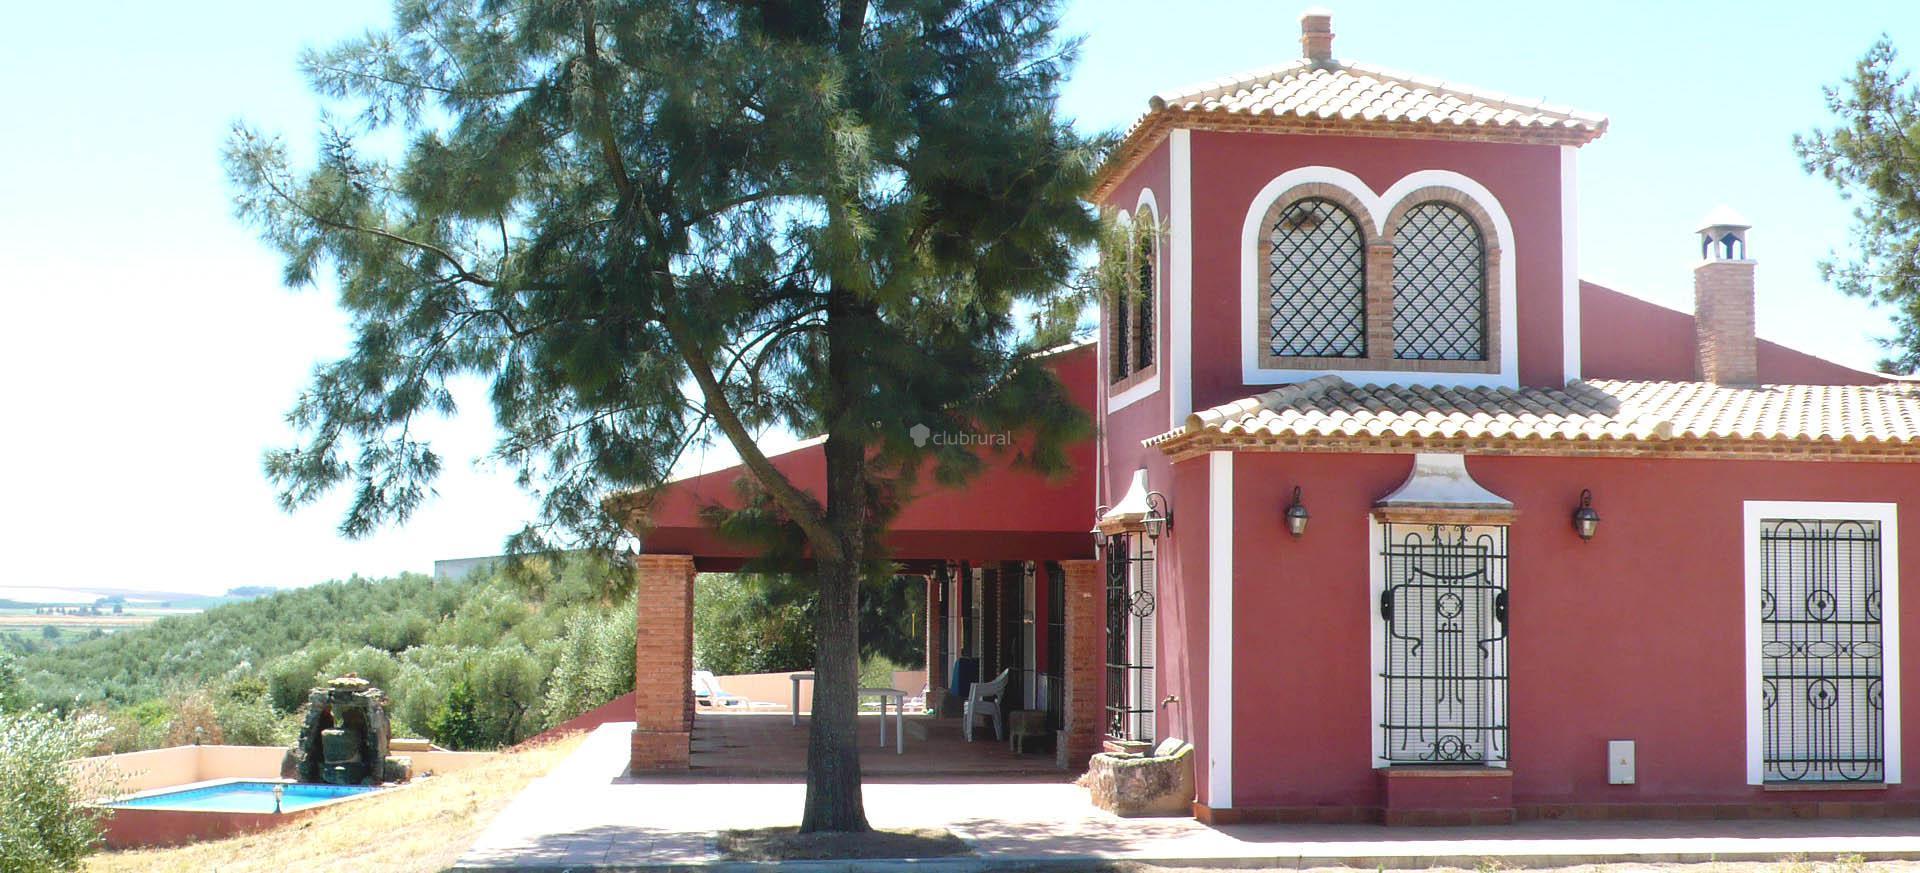 fotos de casa rural alcolea del rio sevilla alcolea On alquiler de casas en alcolea del rio sevilla